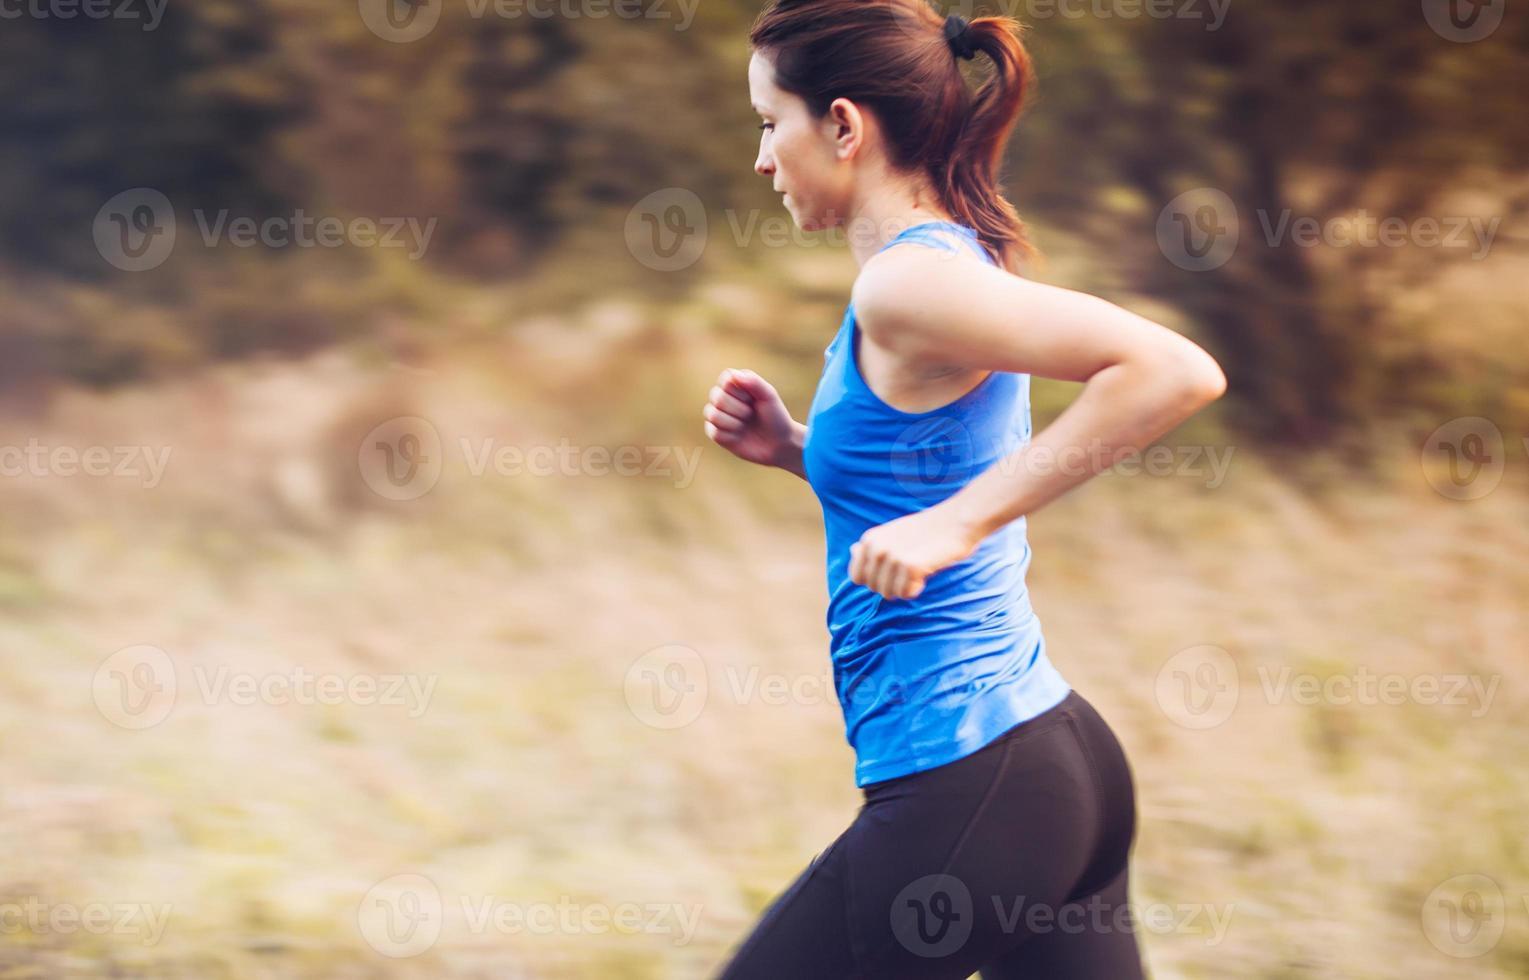 jeune femme qui court dans la nature au lever du soleil photo